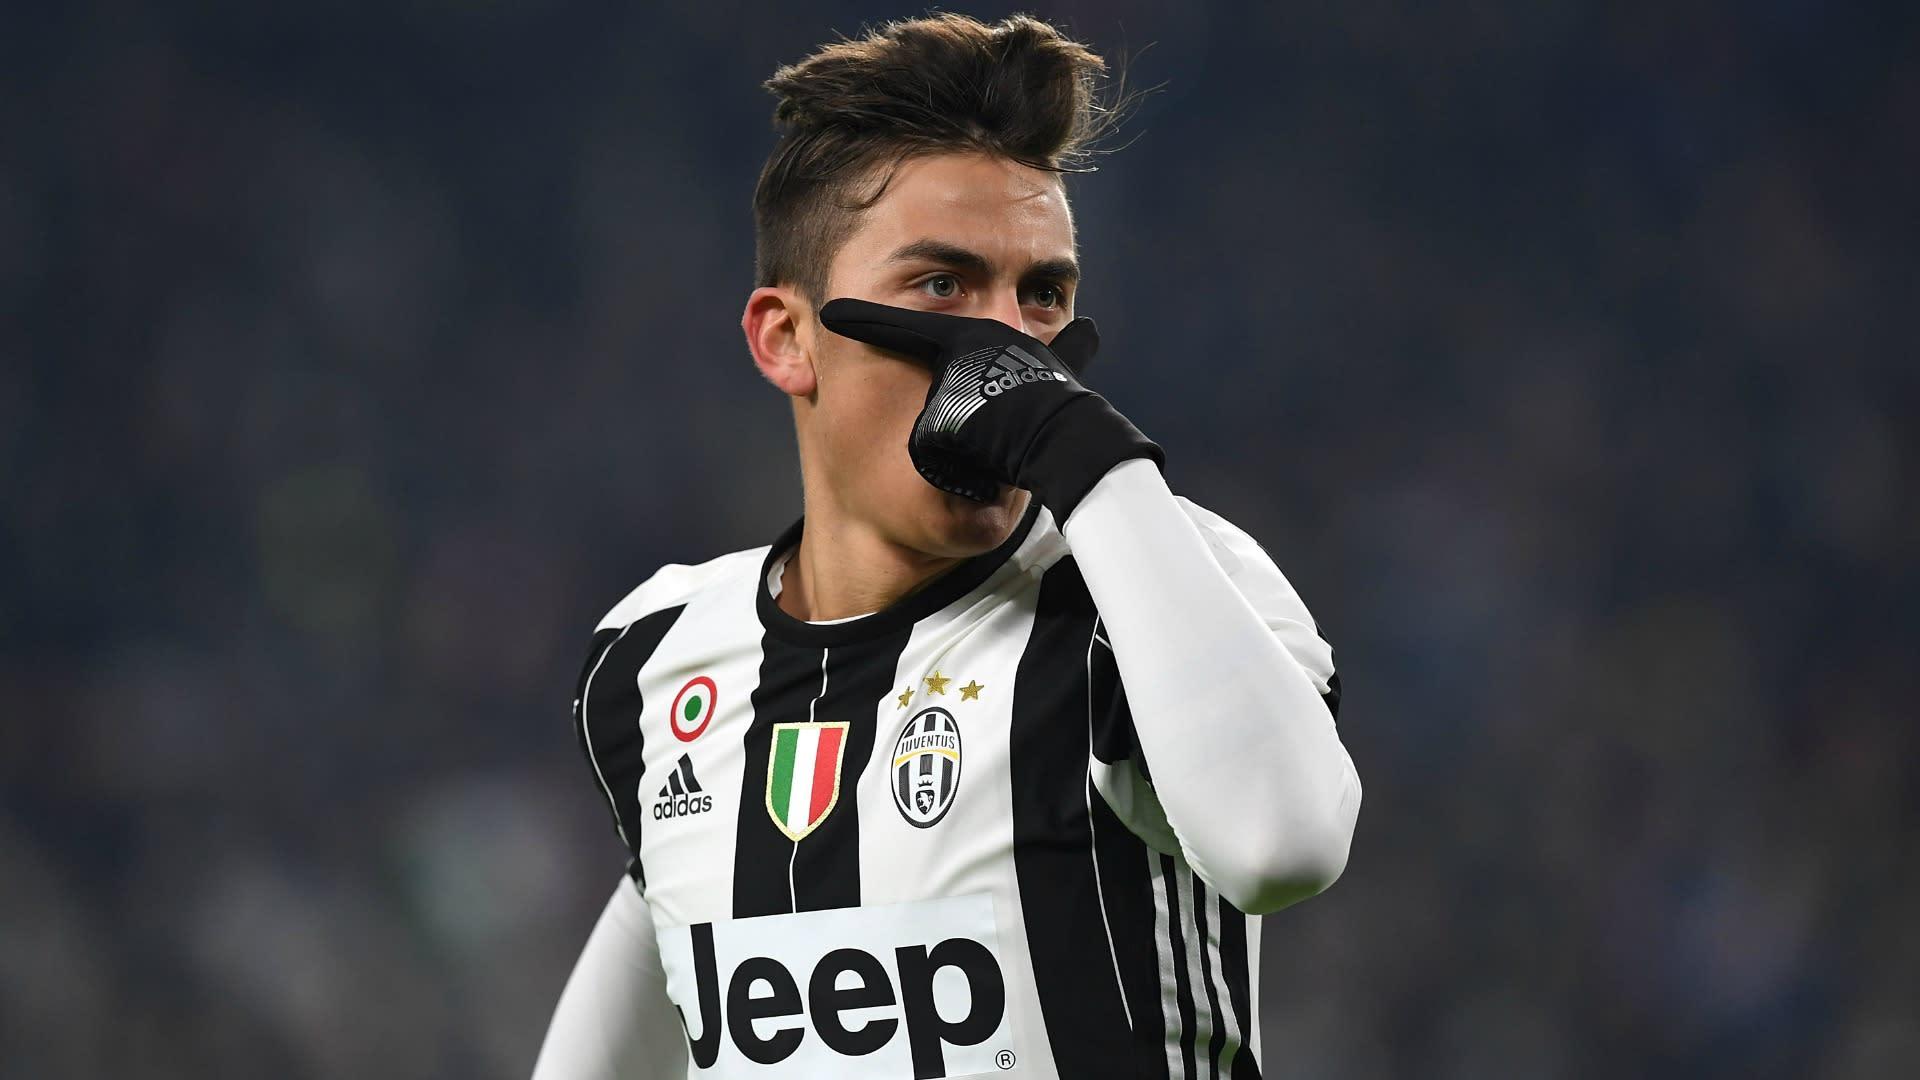 Juventus Forward Dybala Explains Mask Celebration